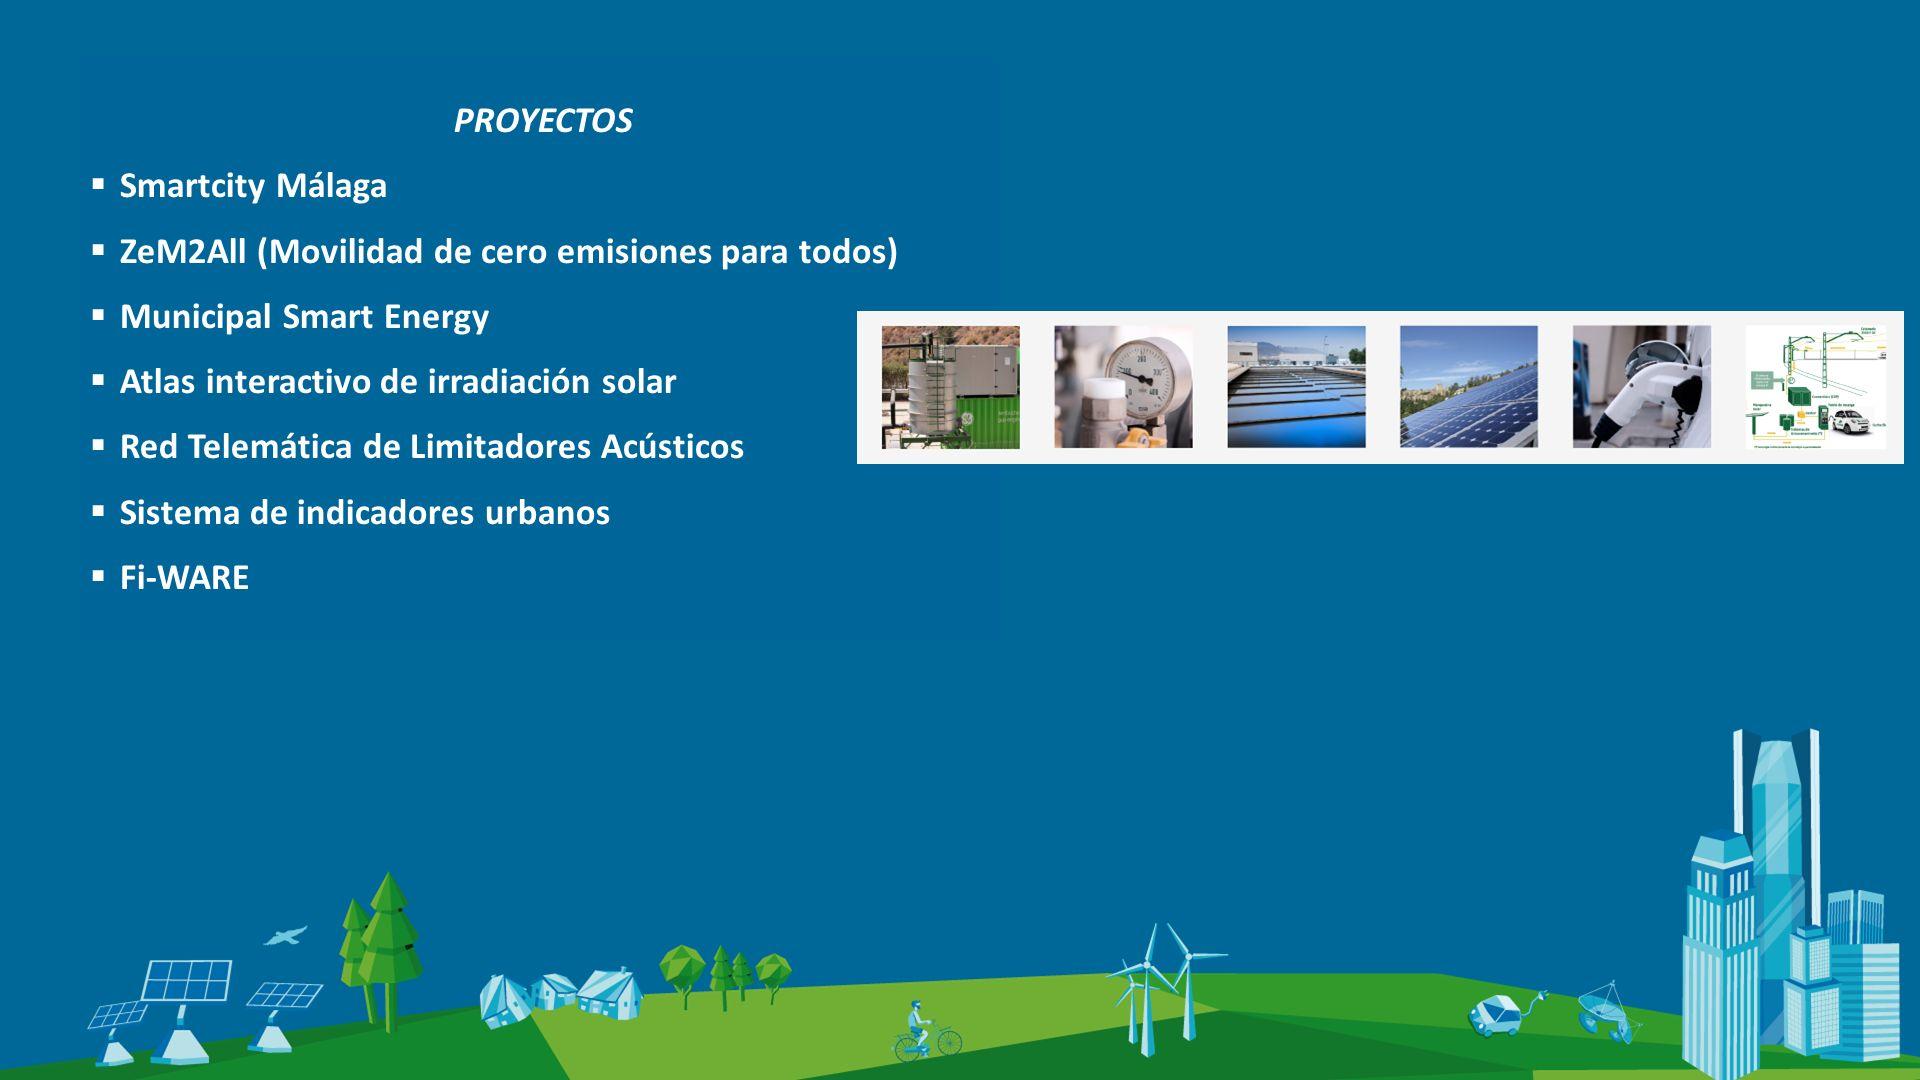 PROYECTOS Smartcity Málaga ZeM2All (Movilidad de cero emisiones para todos) Municipal Smart Energy Atlas interactivo de irradiación solar Red Telemática de Limitadores Acústicos Sistema de indicadores urbanos Fi-WARE